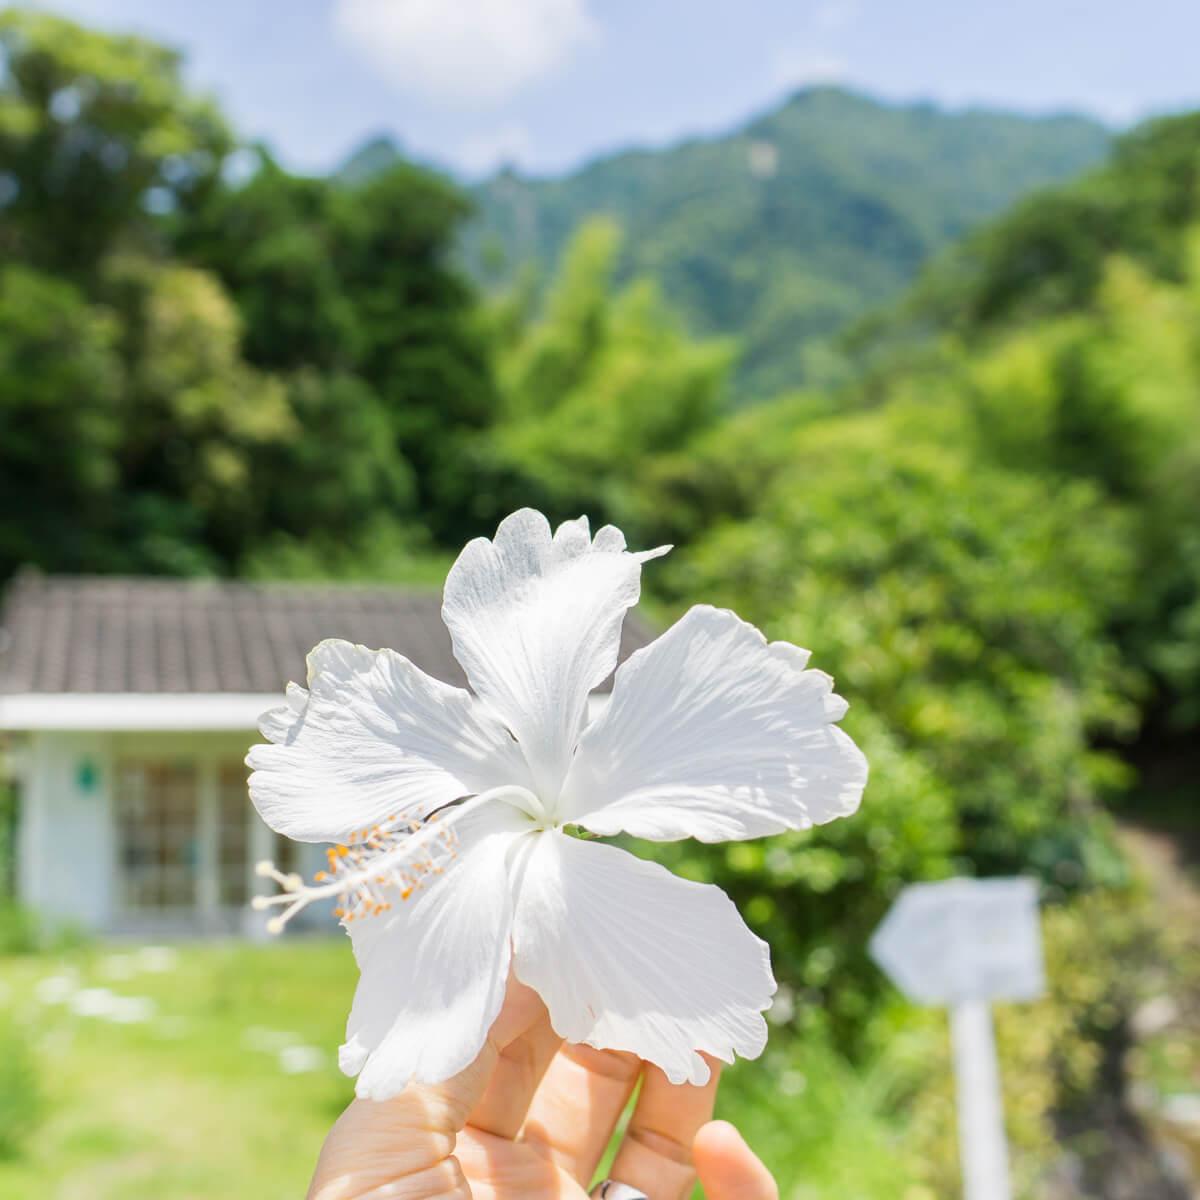 屋久島のハイビスカス越しに屋久島しずくギャラリー ジュエリーのアートギャラリー 屋久島の緑に包まれて